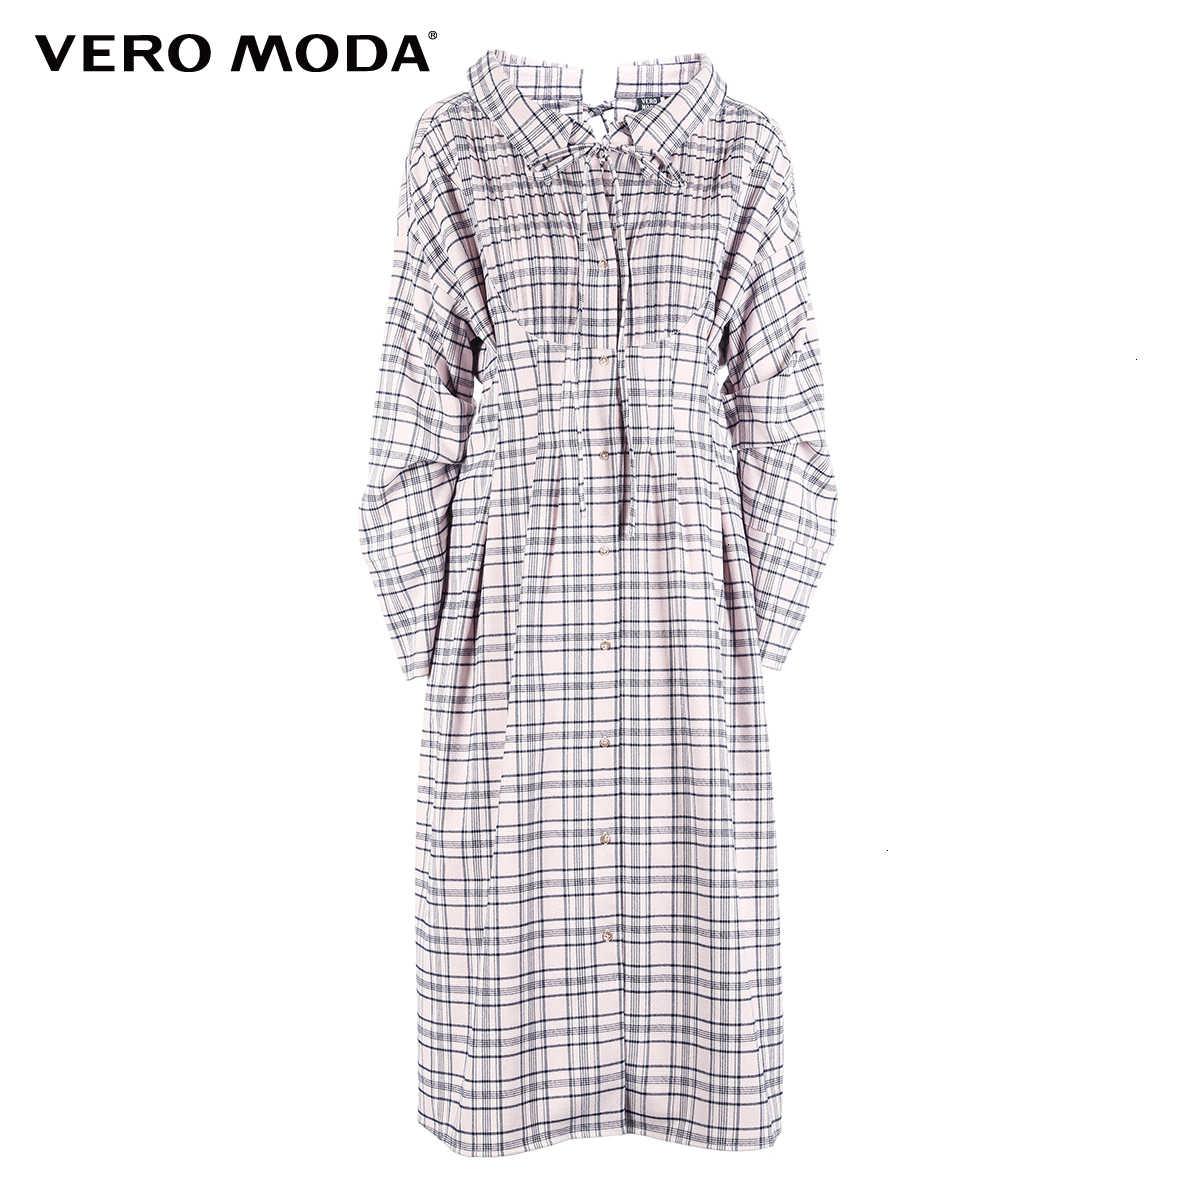 Vero Moda 2019 Новое поступление на шнуровке Versieringen плиссе с длинными рукавами рубашка в клетку Jurk '124; 318305512